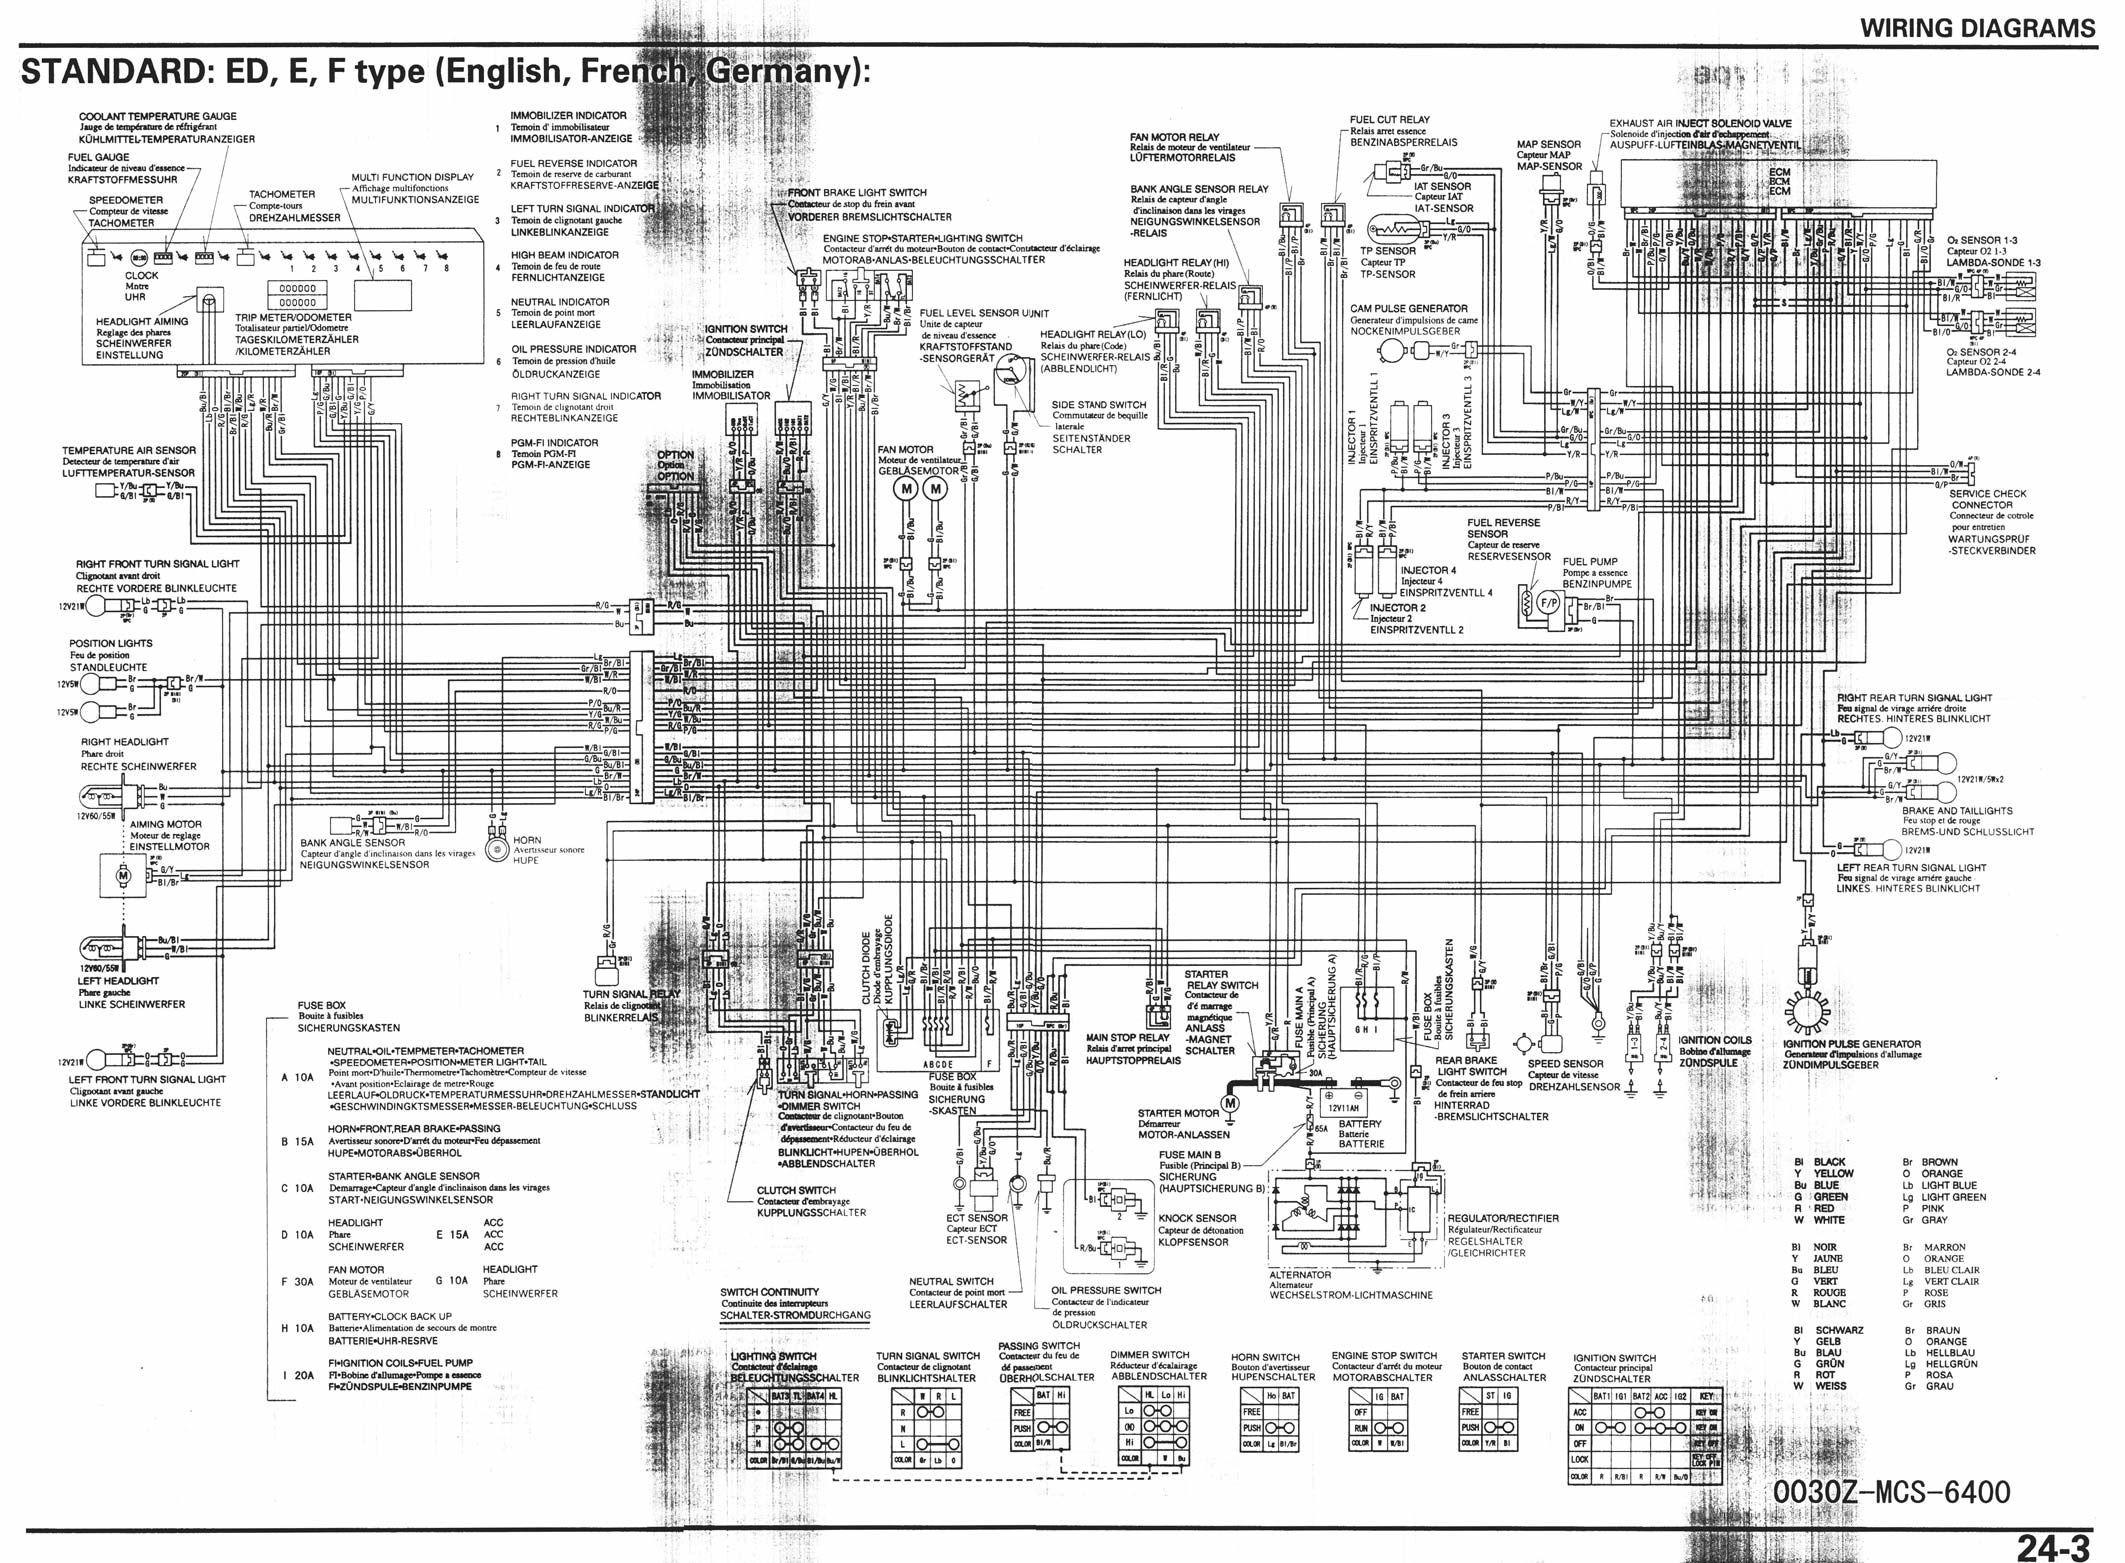 Fuel Pump Wiring Diagram Bmw F650 Wiring Diagram Wiring Diagram Dash Of Fuel Pump Wiring Diagram